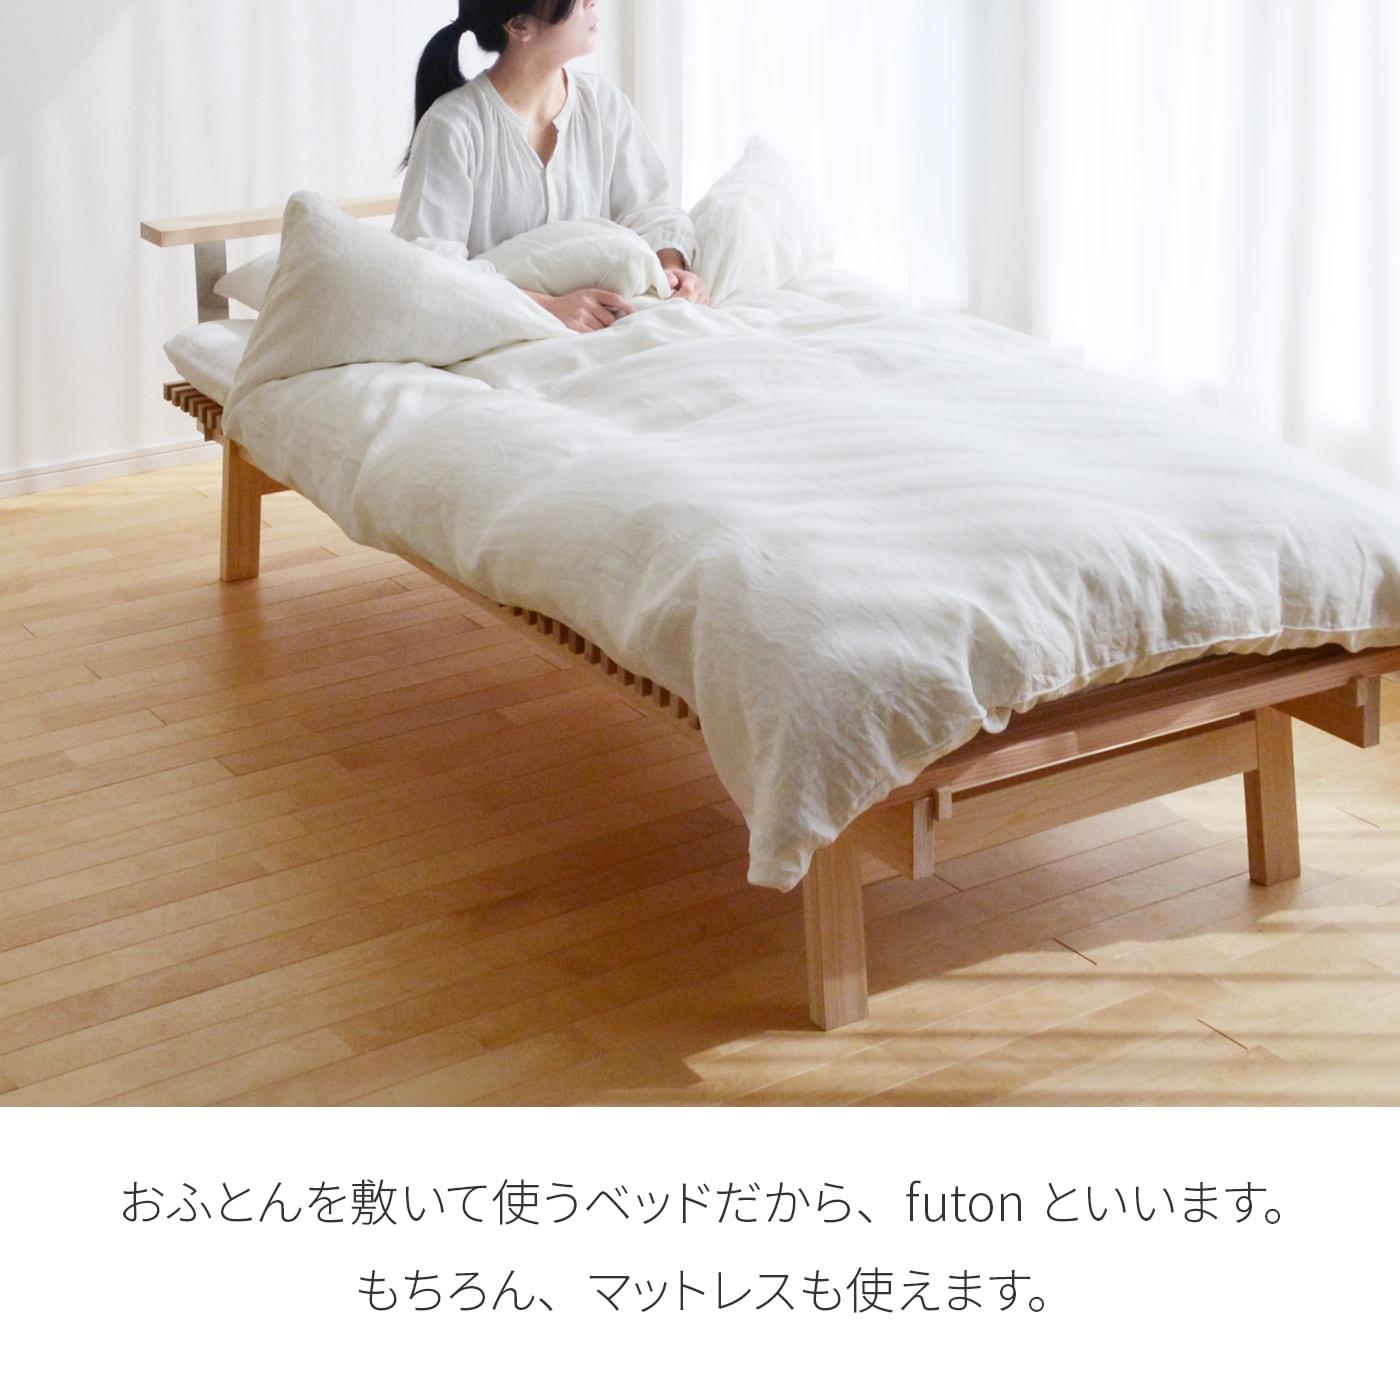 おふとんを敷いて使うベッドだから、futonといいます。もちろん、マットレスも使えます。